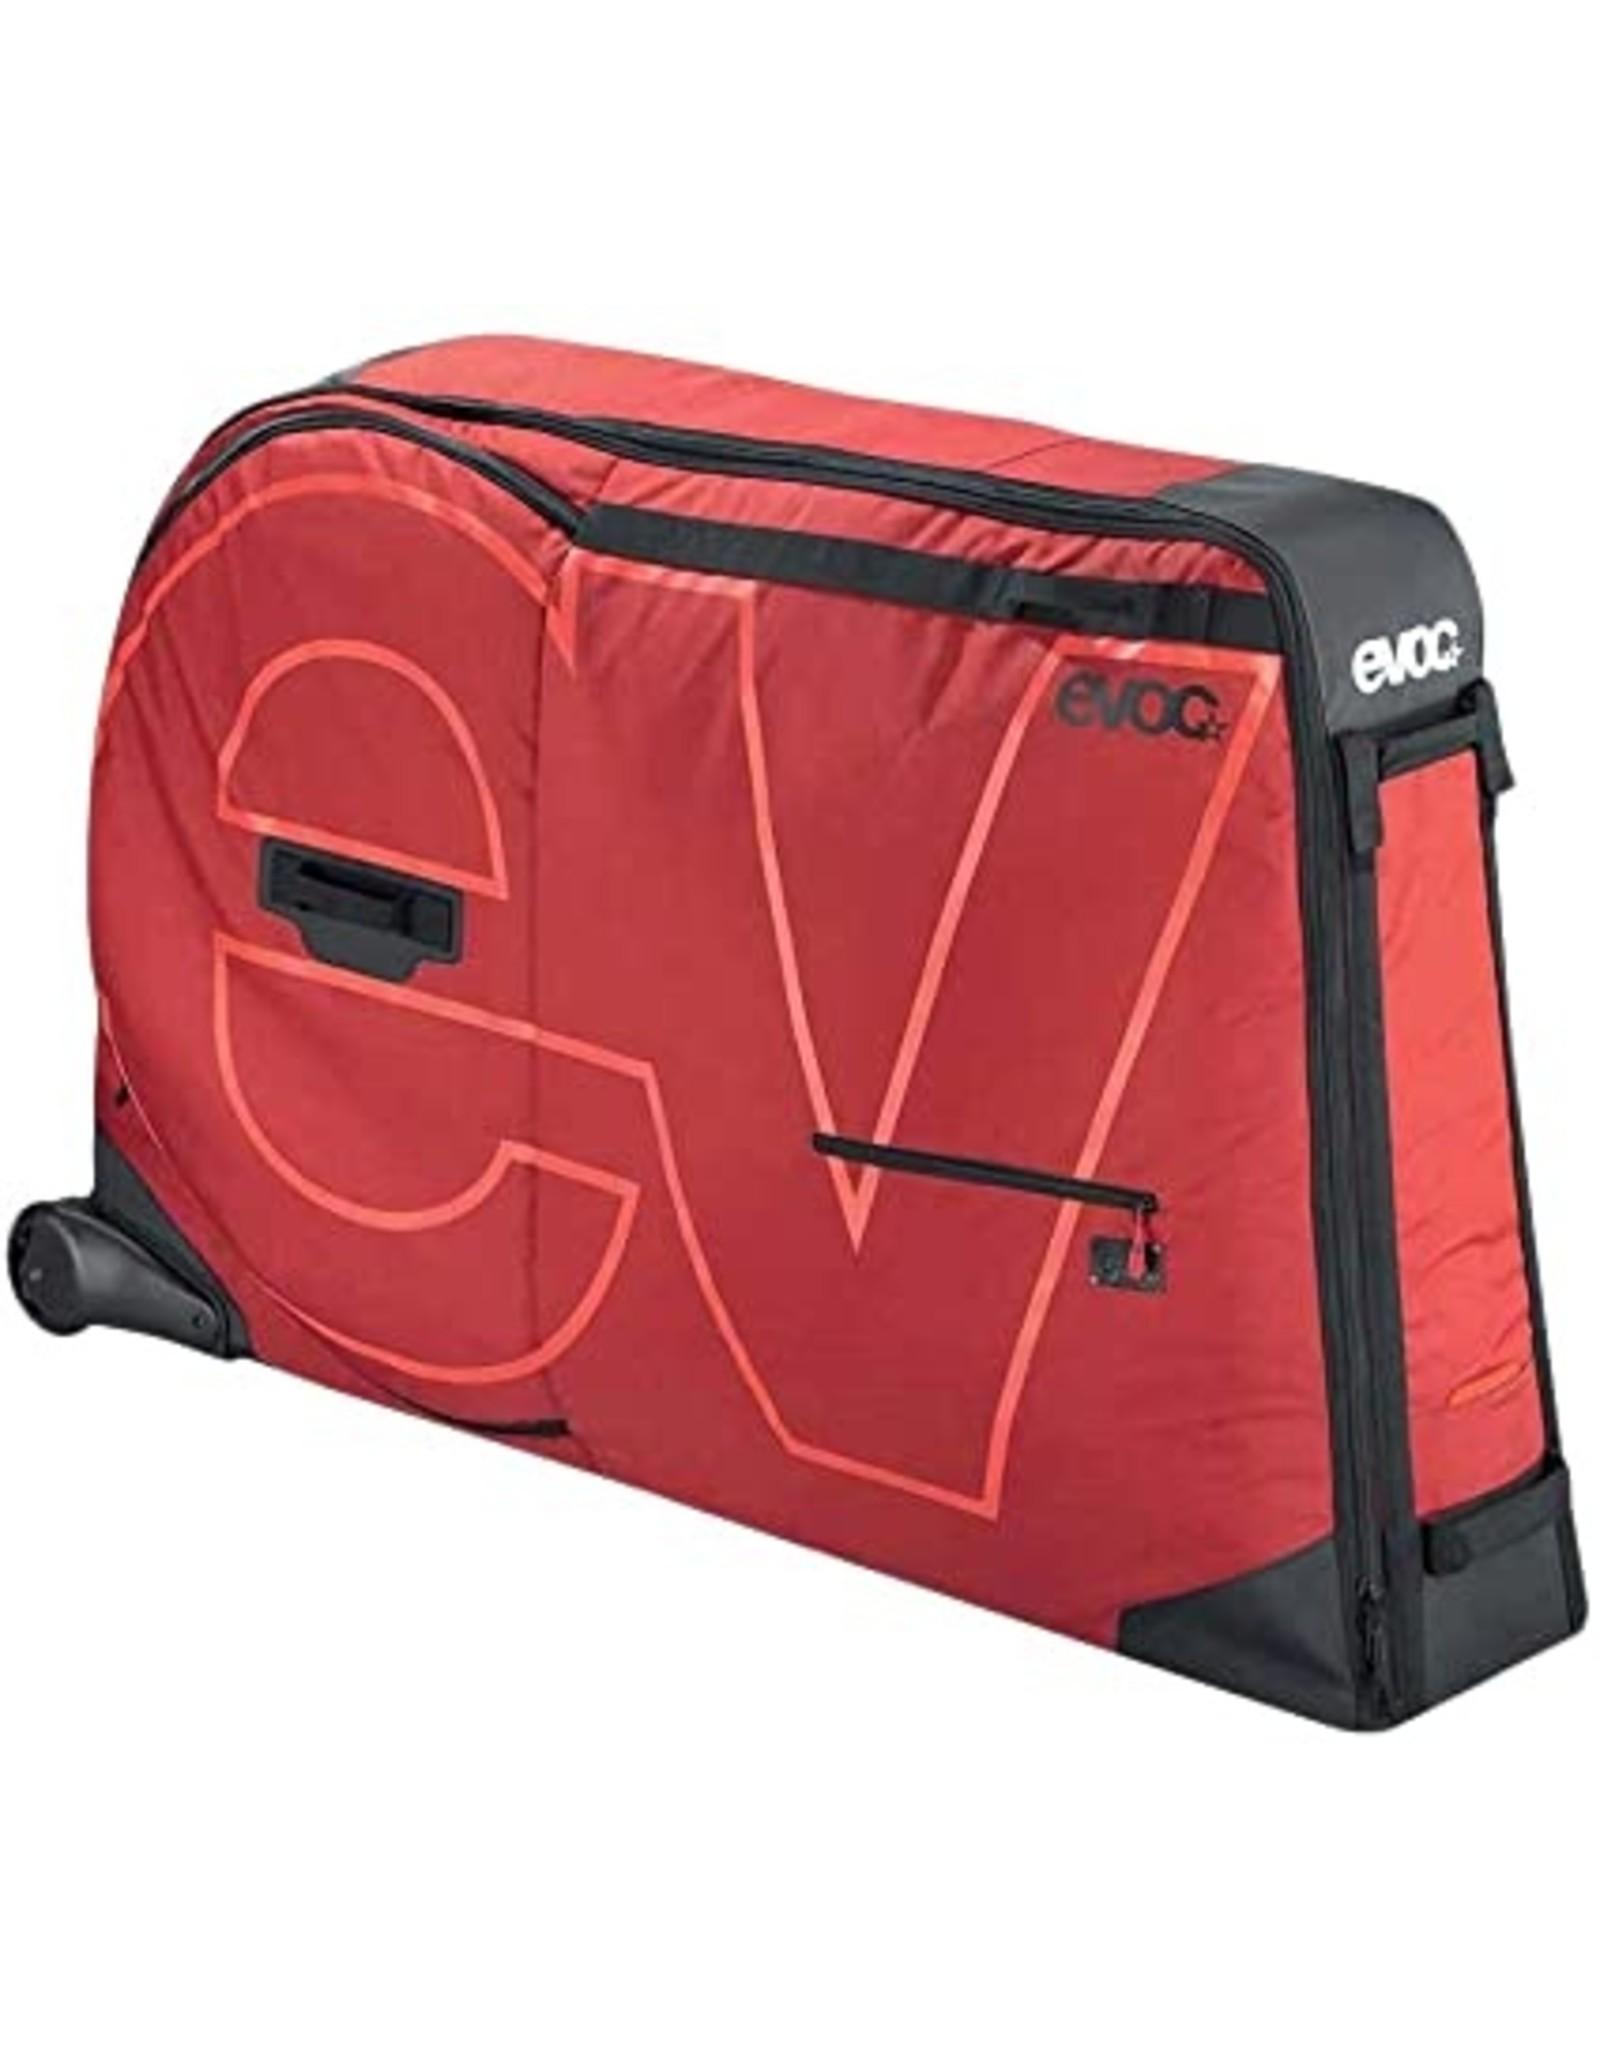 EVOC EVOC - Bike Travel Bag 285L - Chili red